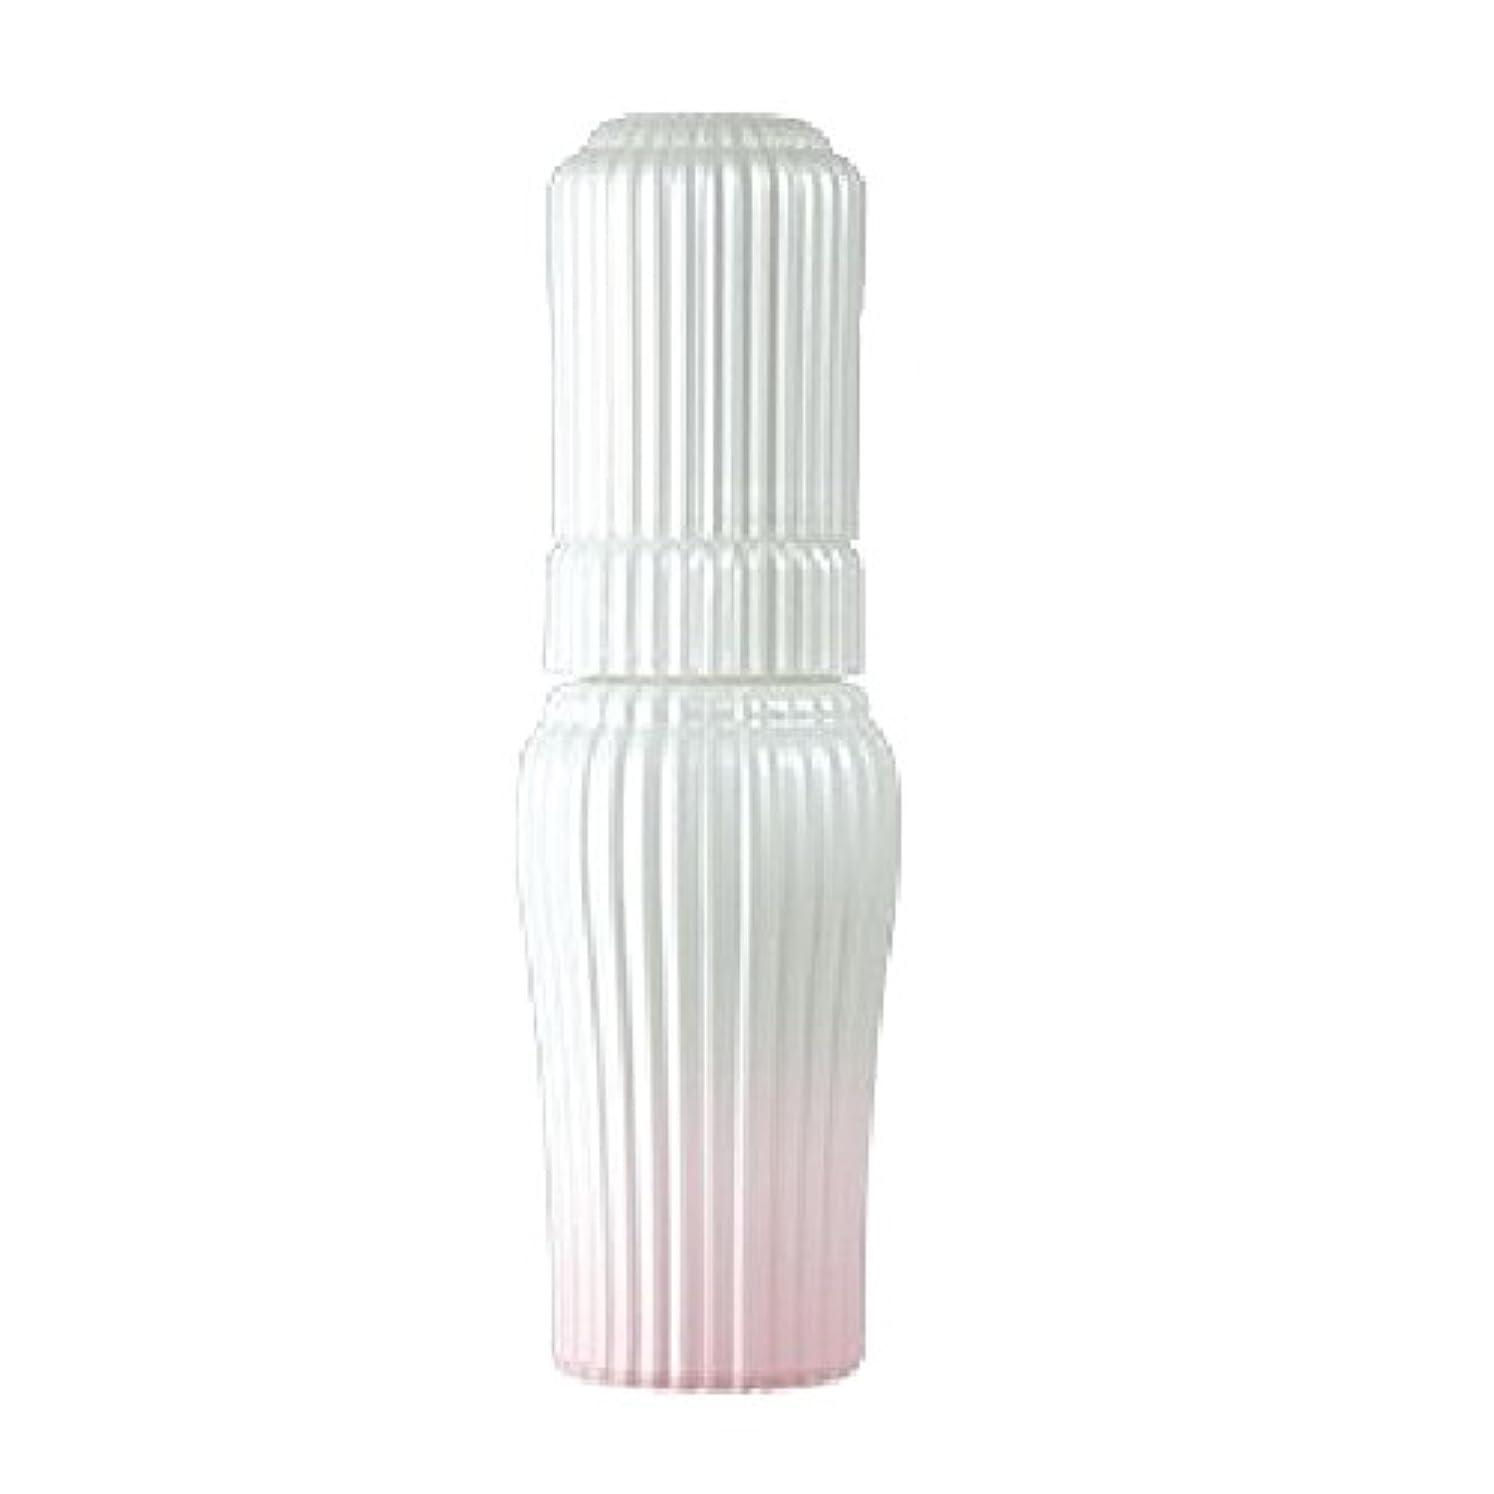 アユーラ (AYURA) fサインディフェンス ホワイトニングセラム(医薬部外品) 40mL 〈敏感肌用 美白 美容液〉 薬用美白液